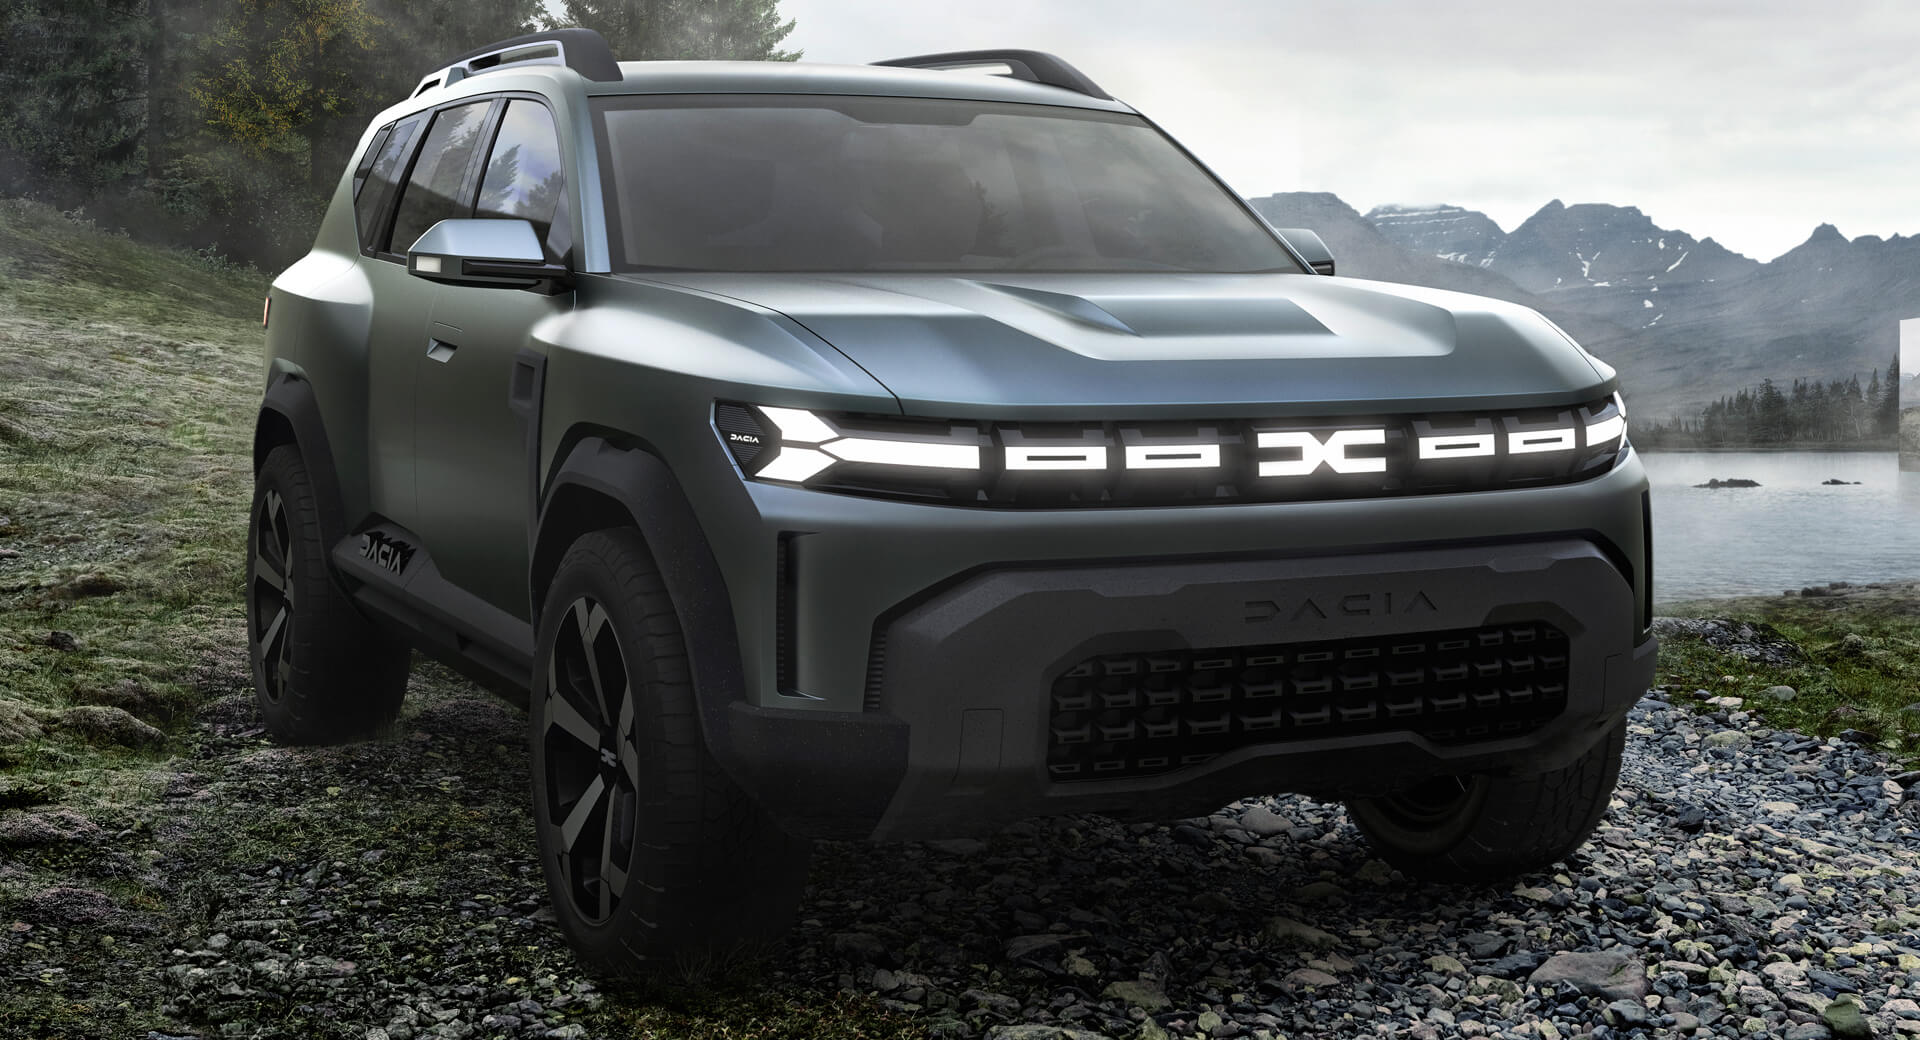 Dacia Duster ќе остане ценовно прифатлив без оглед на електрификацијата